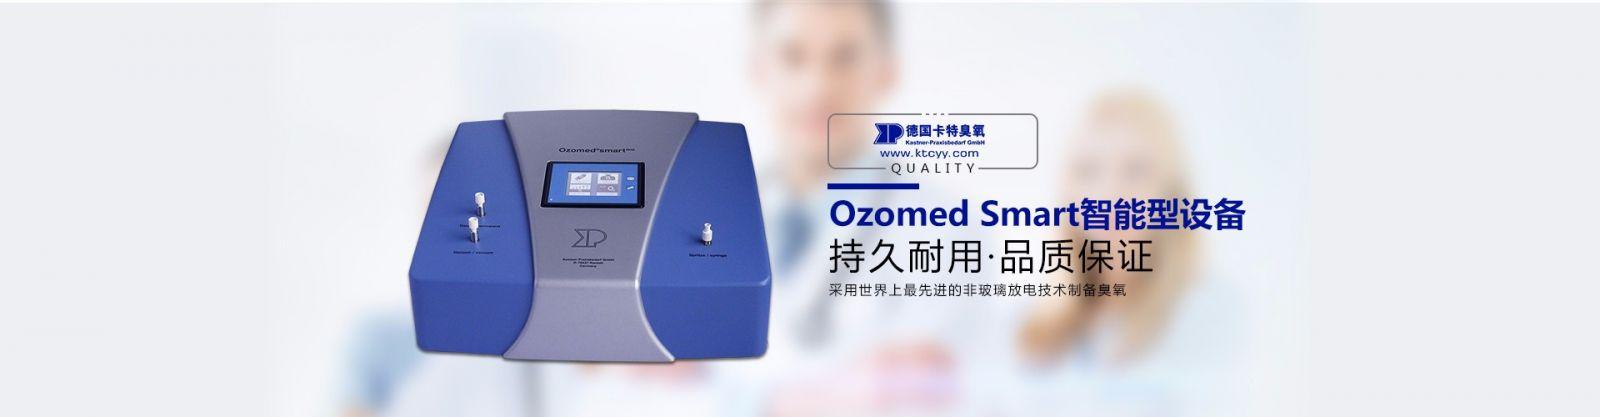 蓝氧治疗仪型号;蓝氧治疗仪;臭氧治疗仪